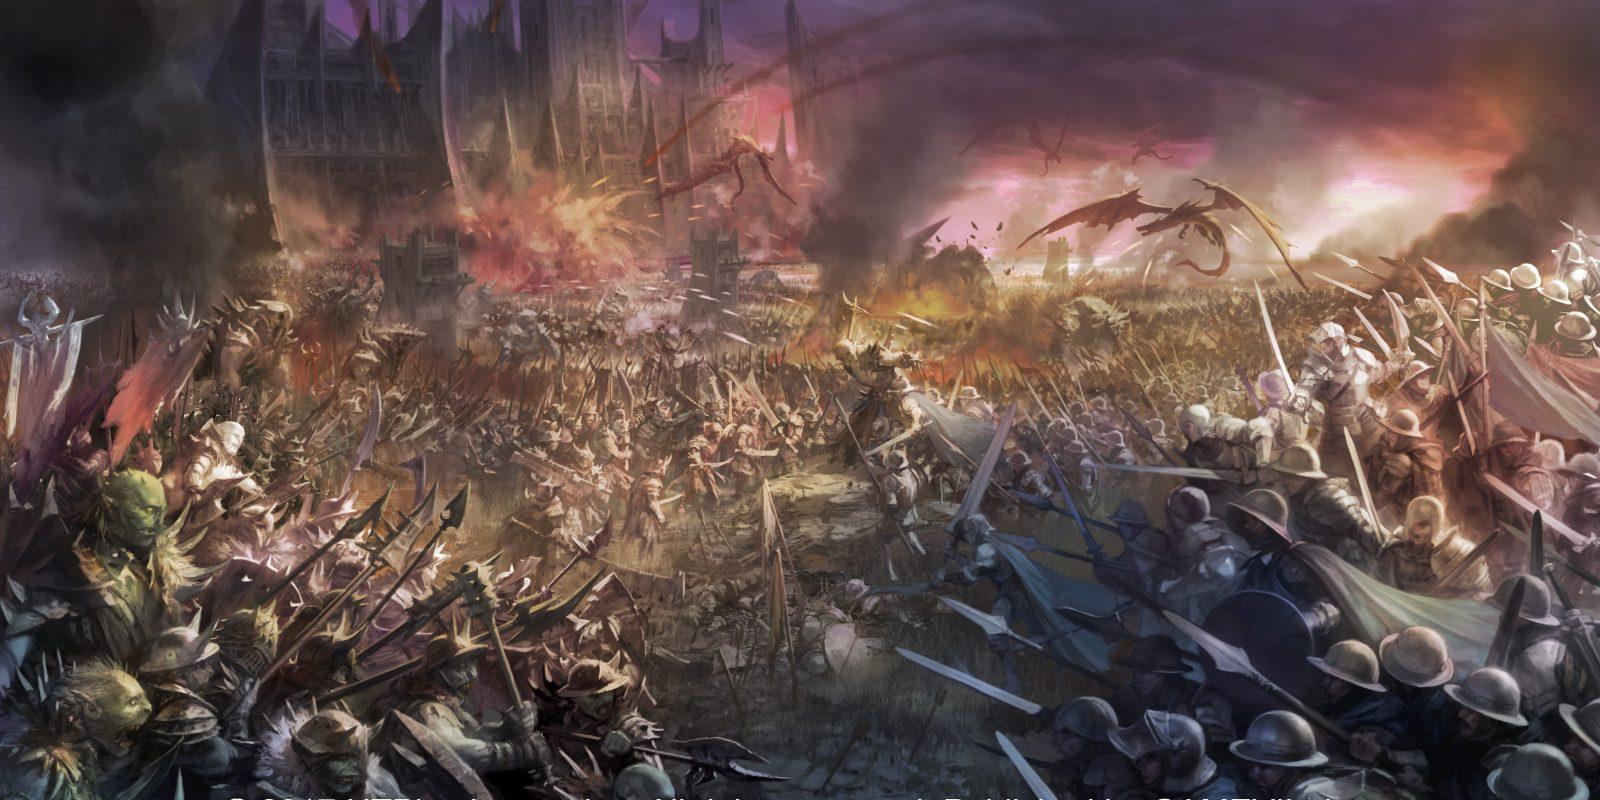 Картинки эпичных битв противень